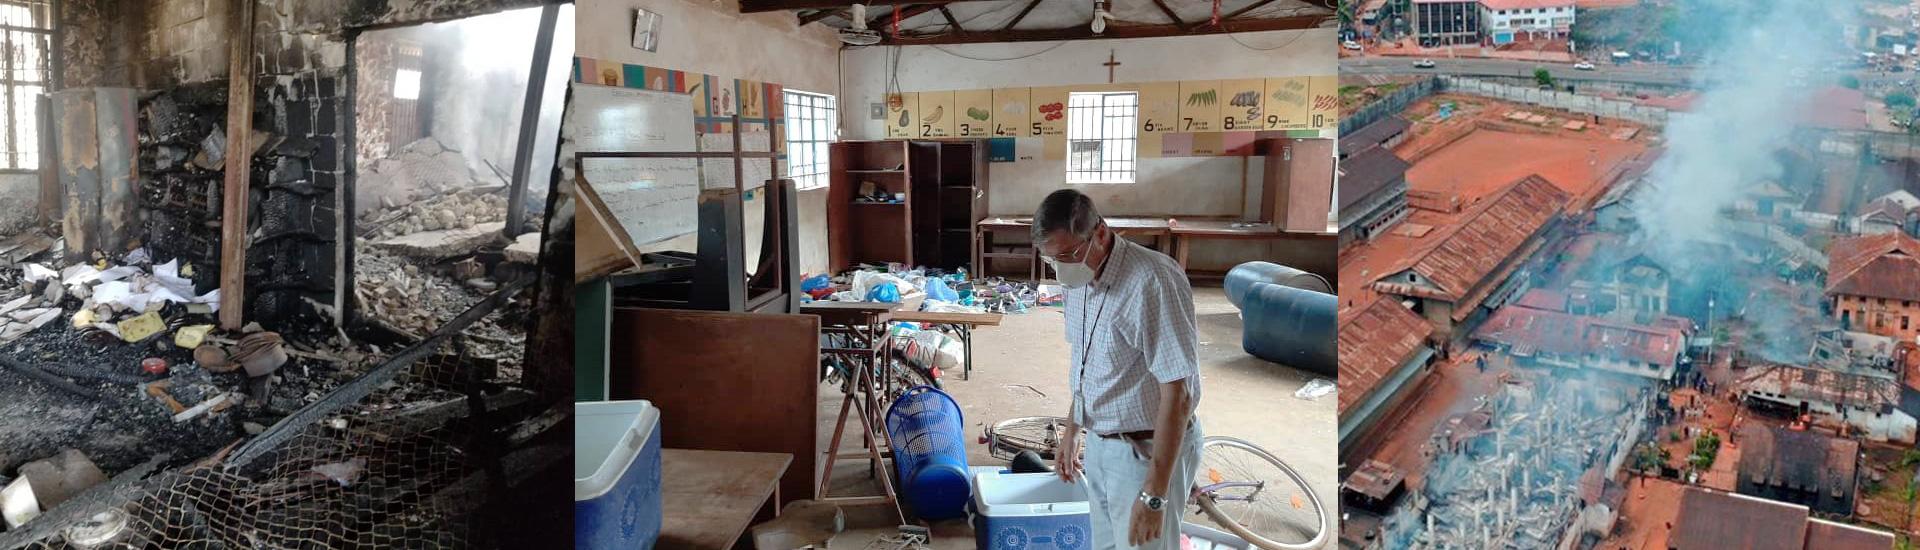 El trabajo de Don Bosco en la cárcel de Sierra Leona: empezar de cero en medio del coronavirus y tras un grave motín